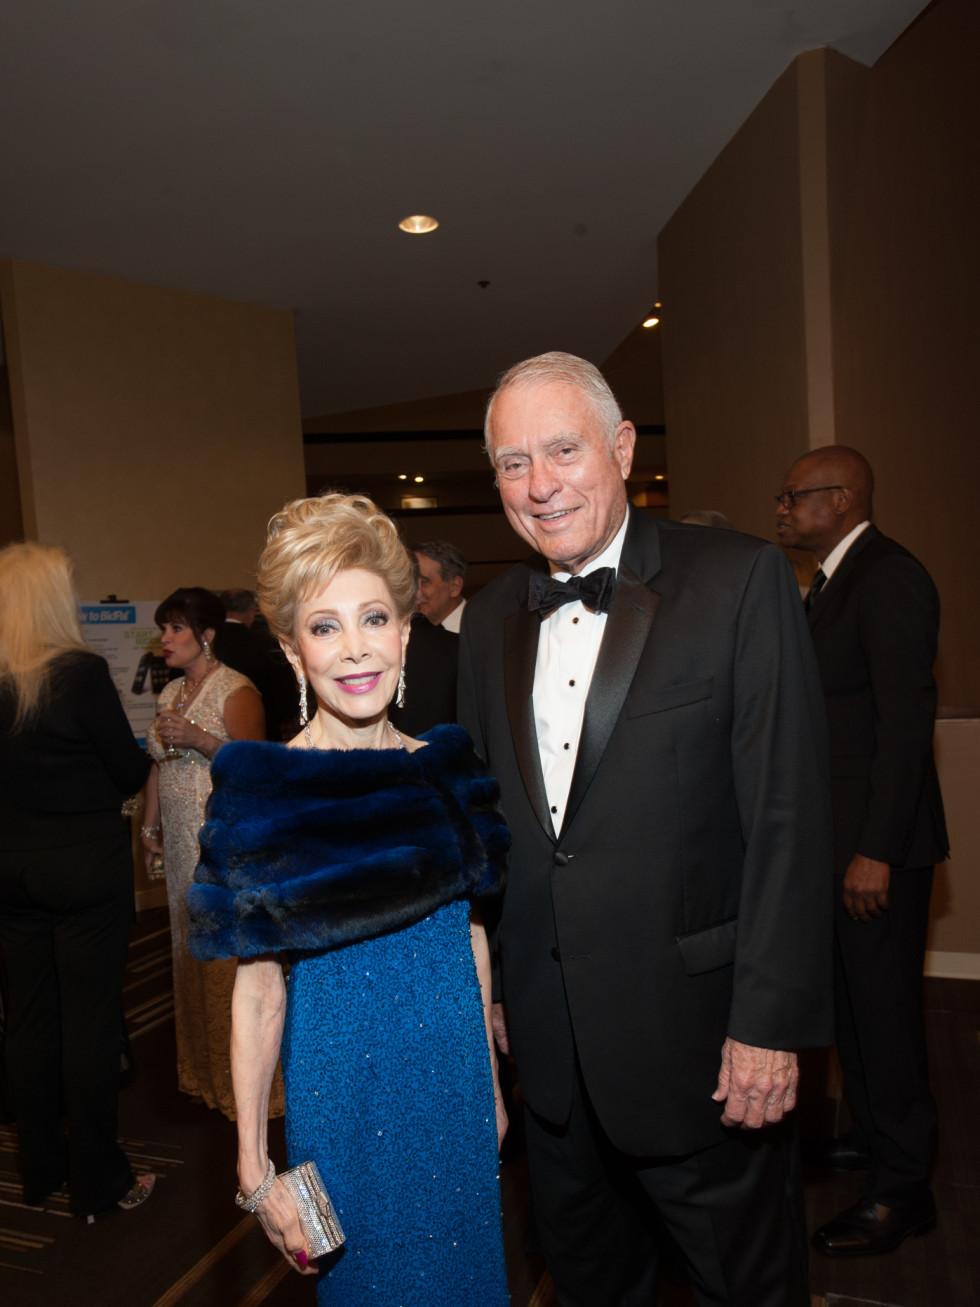 News, SHelby, Houston Children's Charity gala, NOv. 2015, Margaret Alkek Williams, Jim Daniel